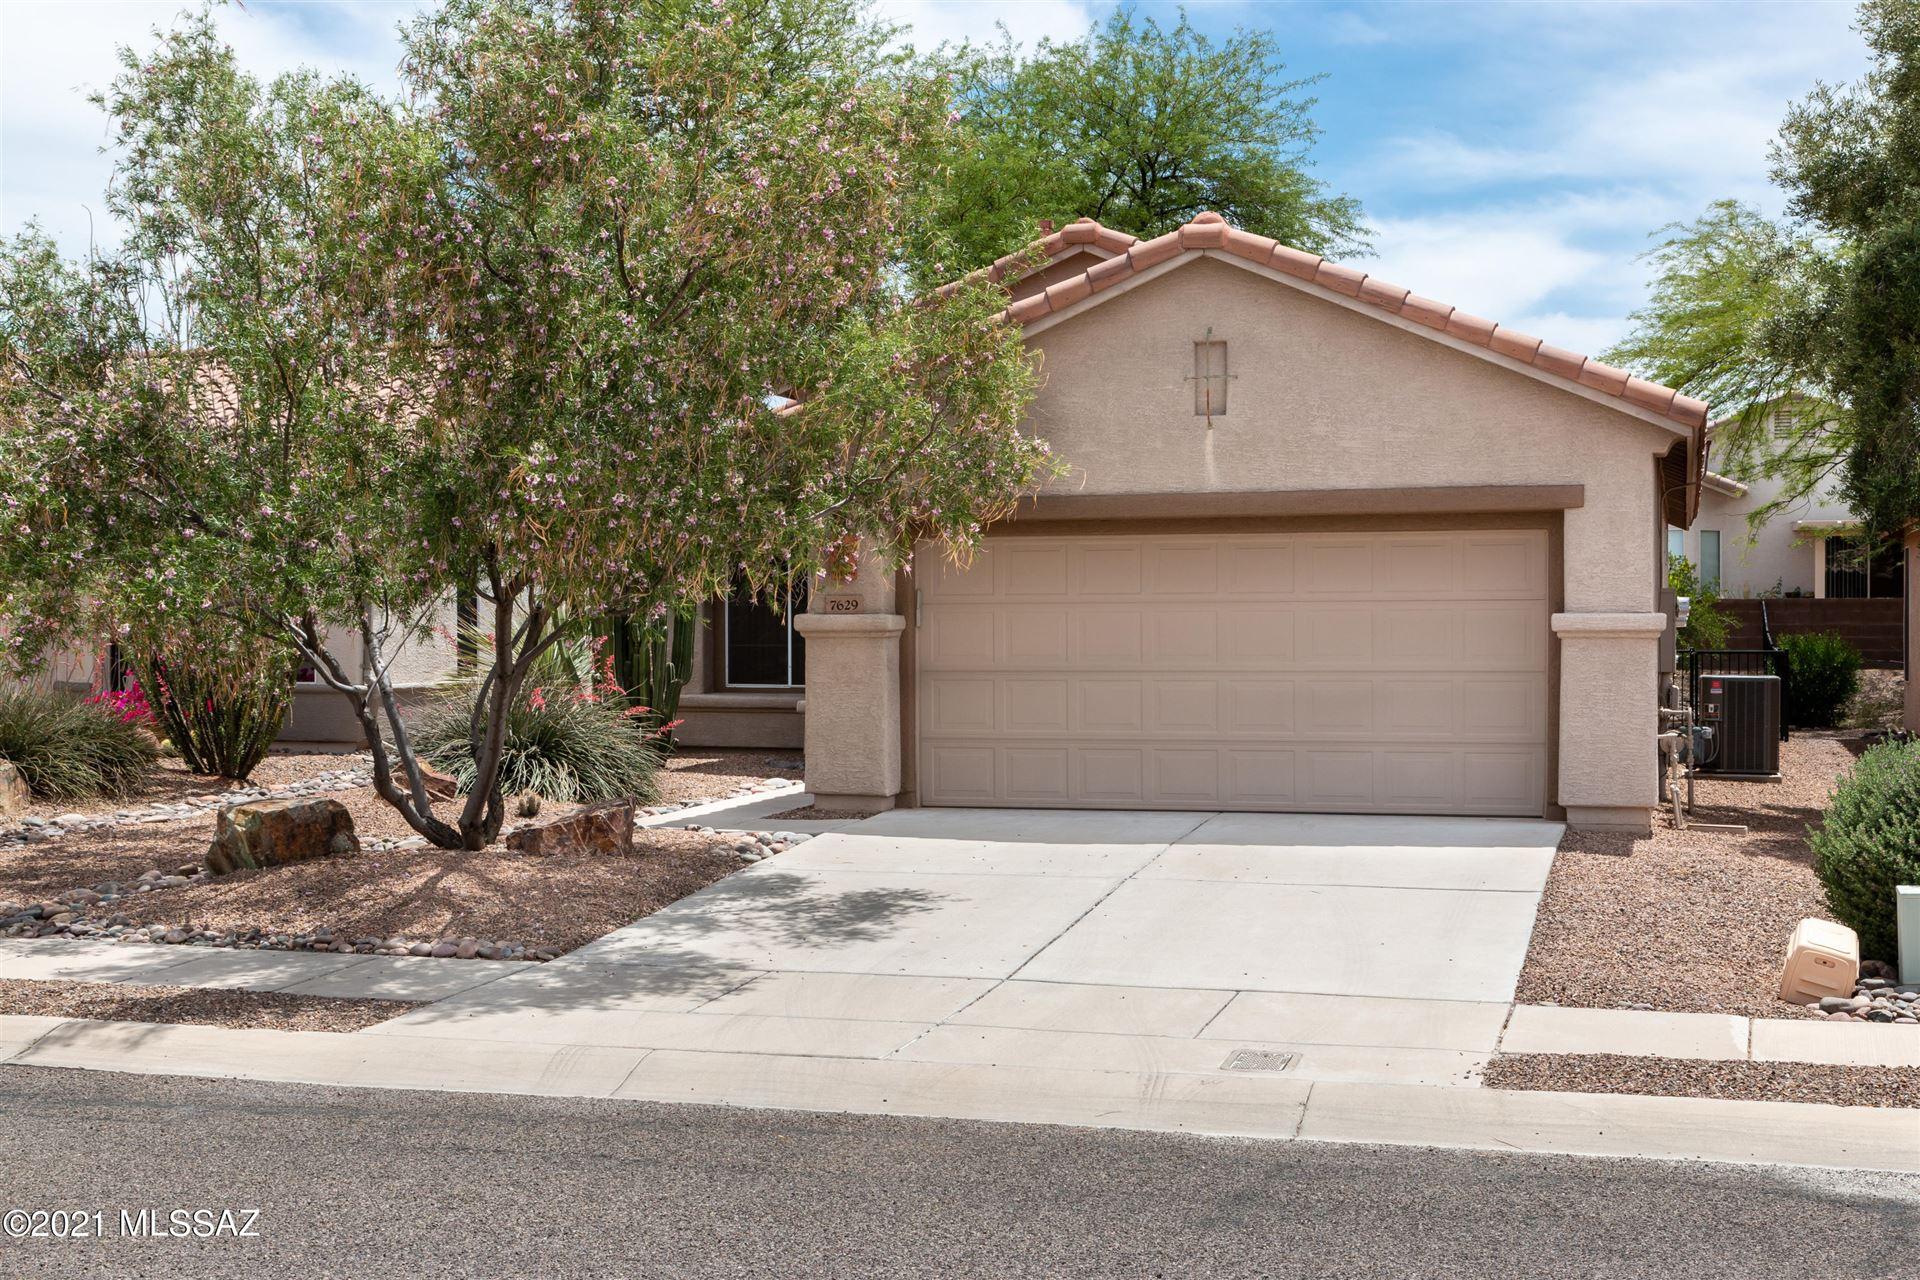 7629 W Cathedral Canyon Drive, Tucson, AZ 85743 - MLS#: 22111583